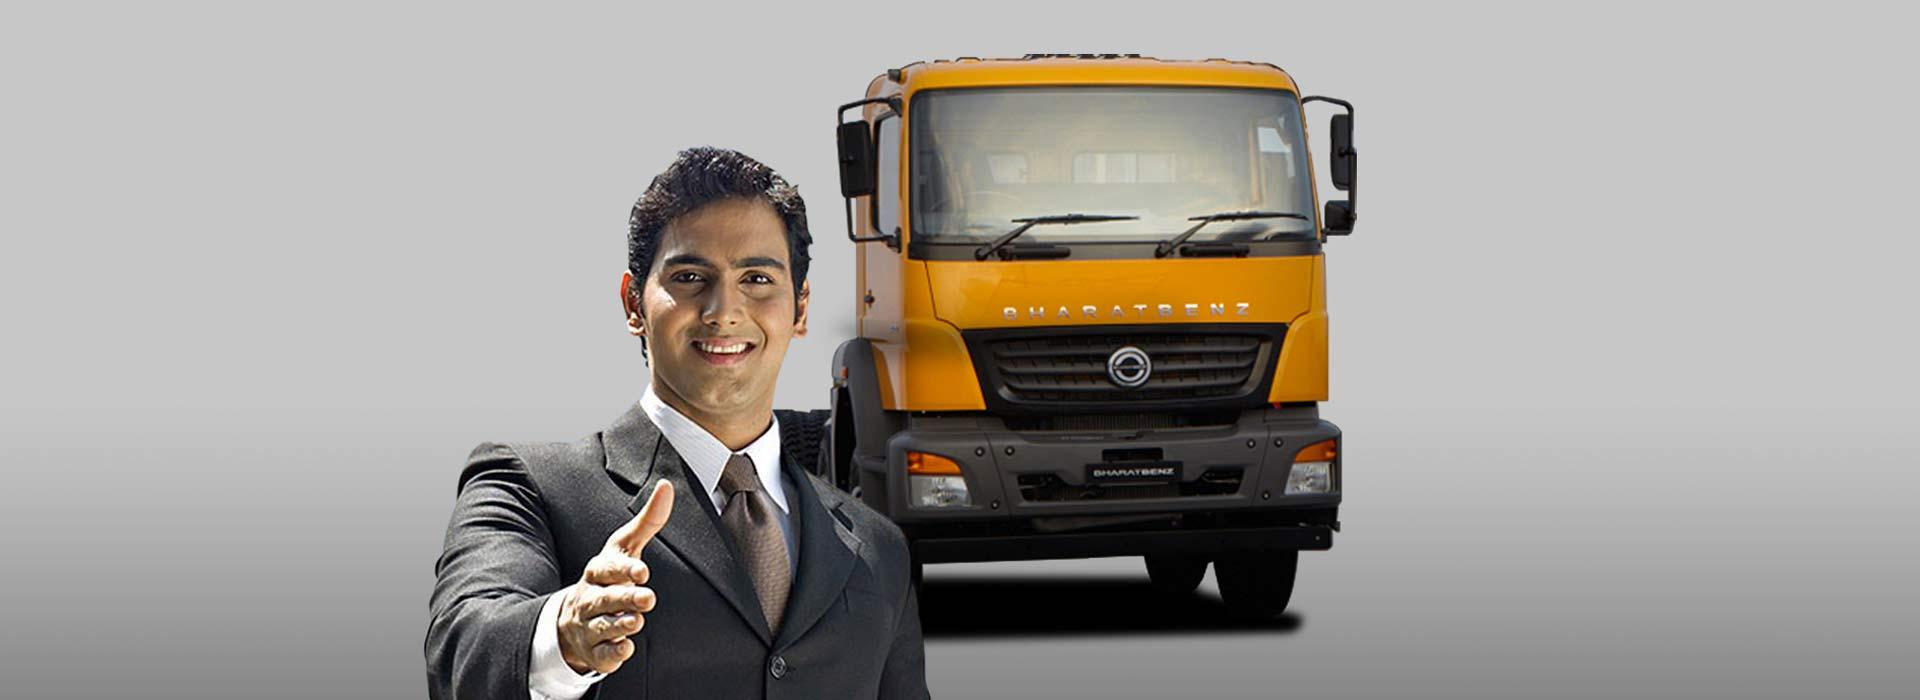 Bharat Benz